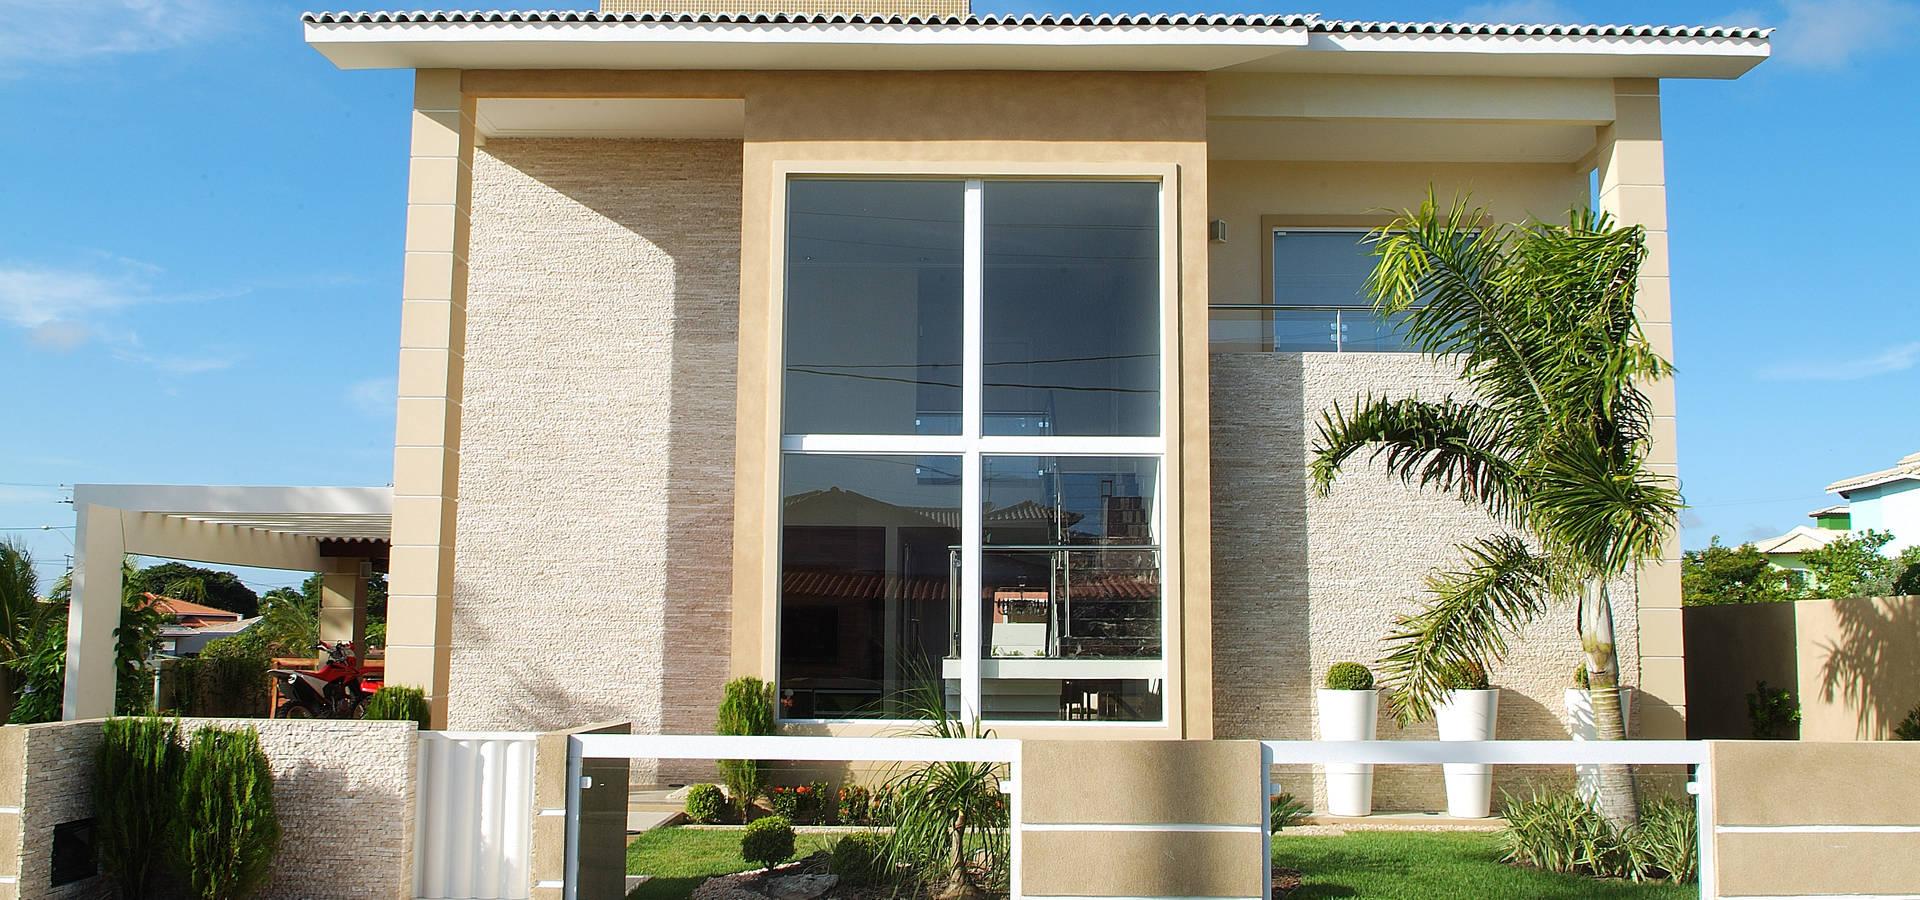 Bernal Projetos—Arquitetos em Salvador